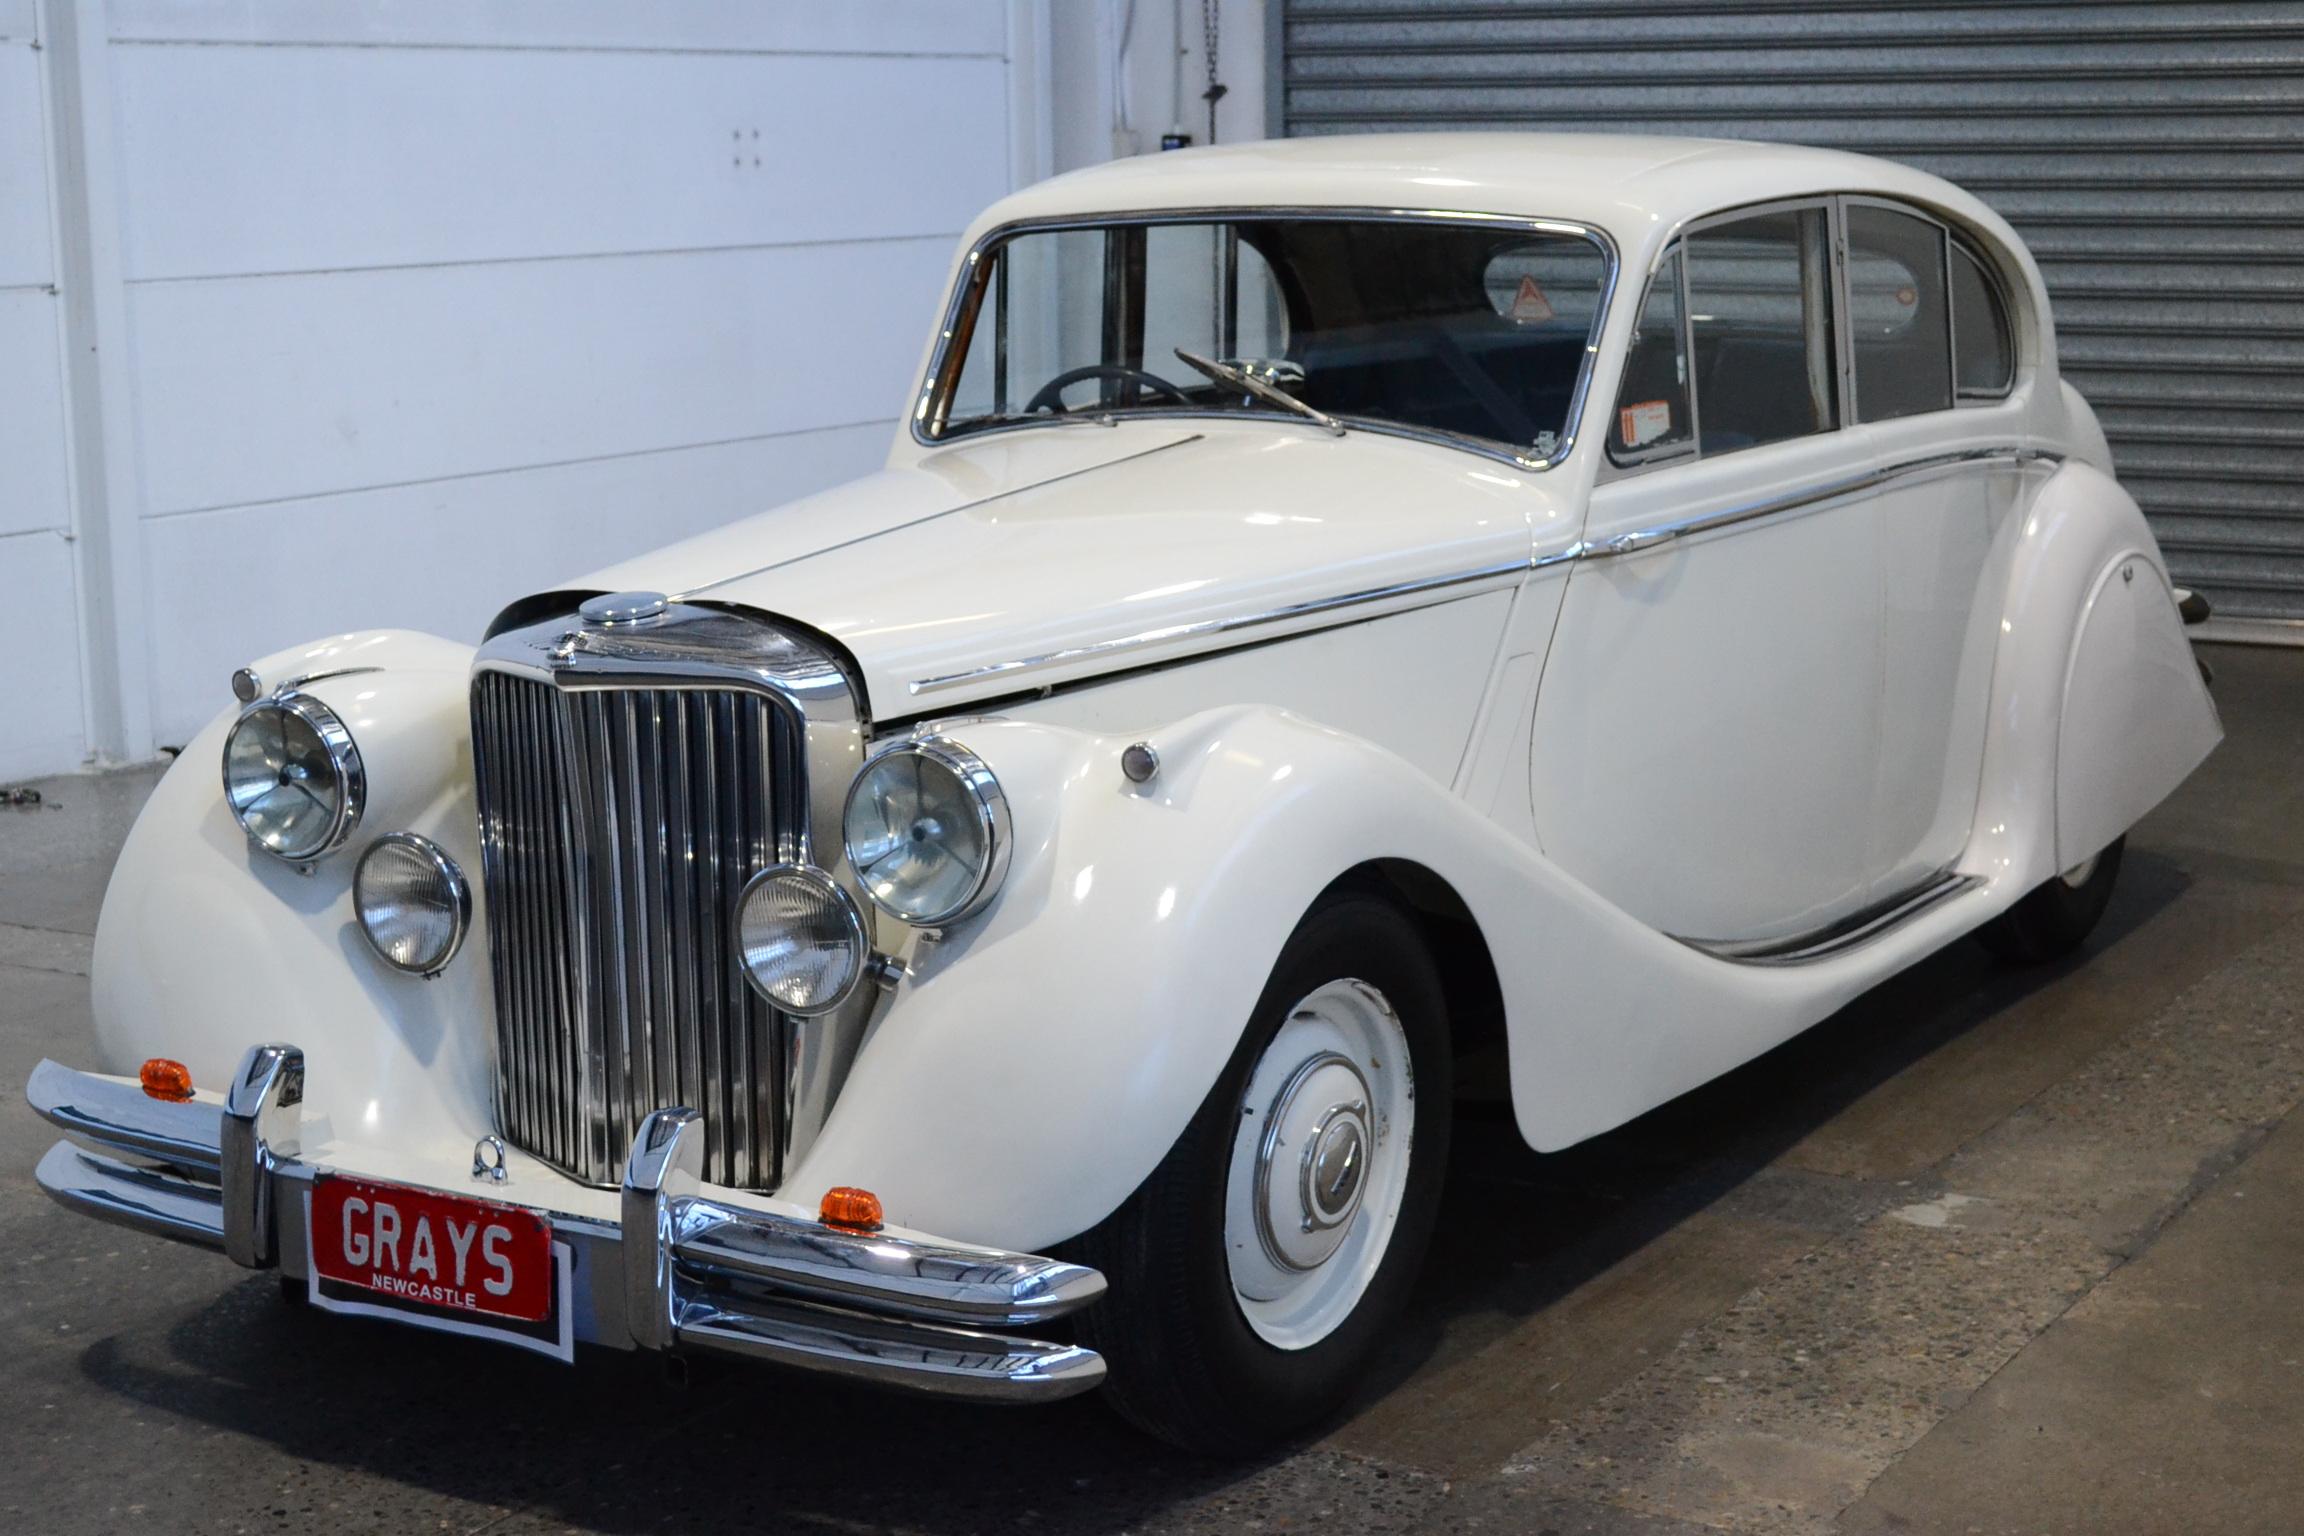 1950 Jaguar MKV (Mark 5) Manual Sedan Old English White